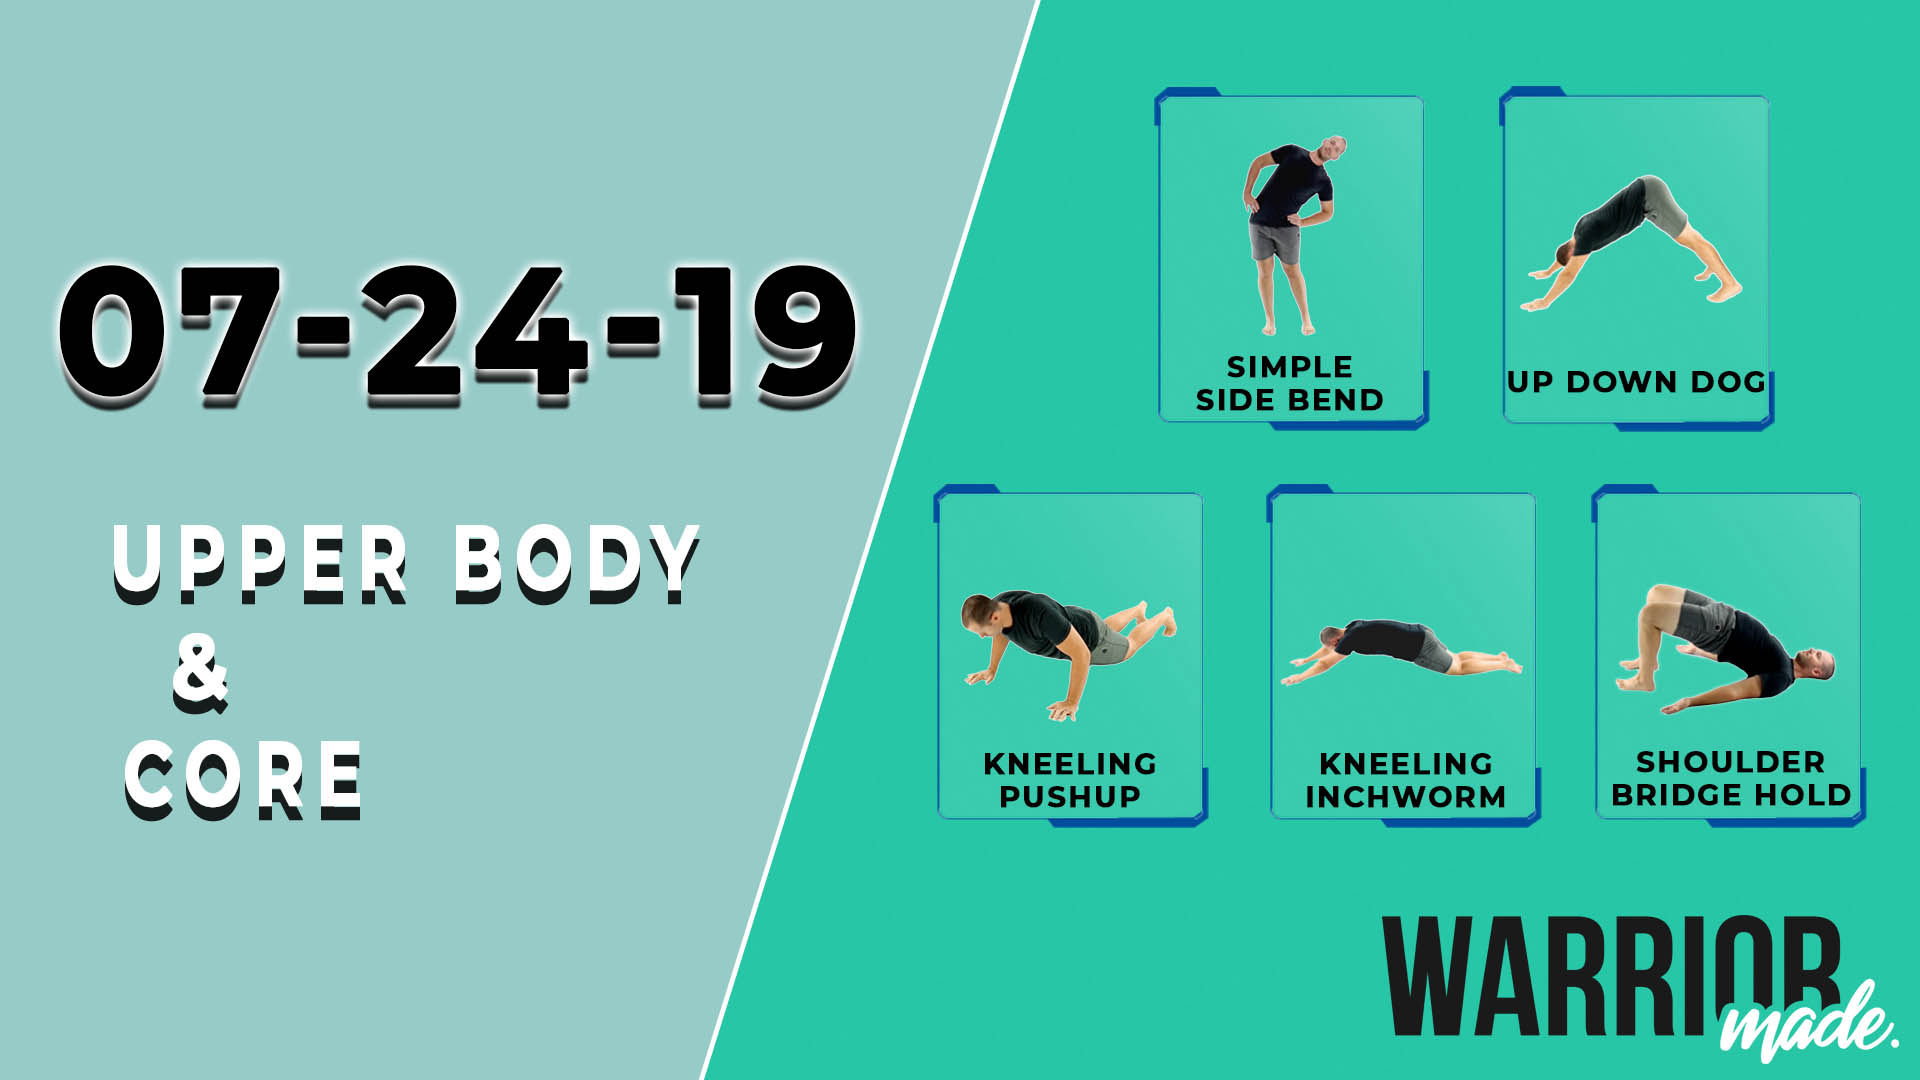 workouts-07-24-19